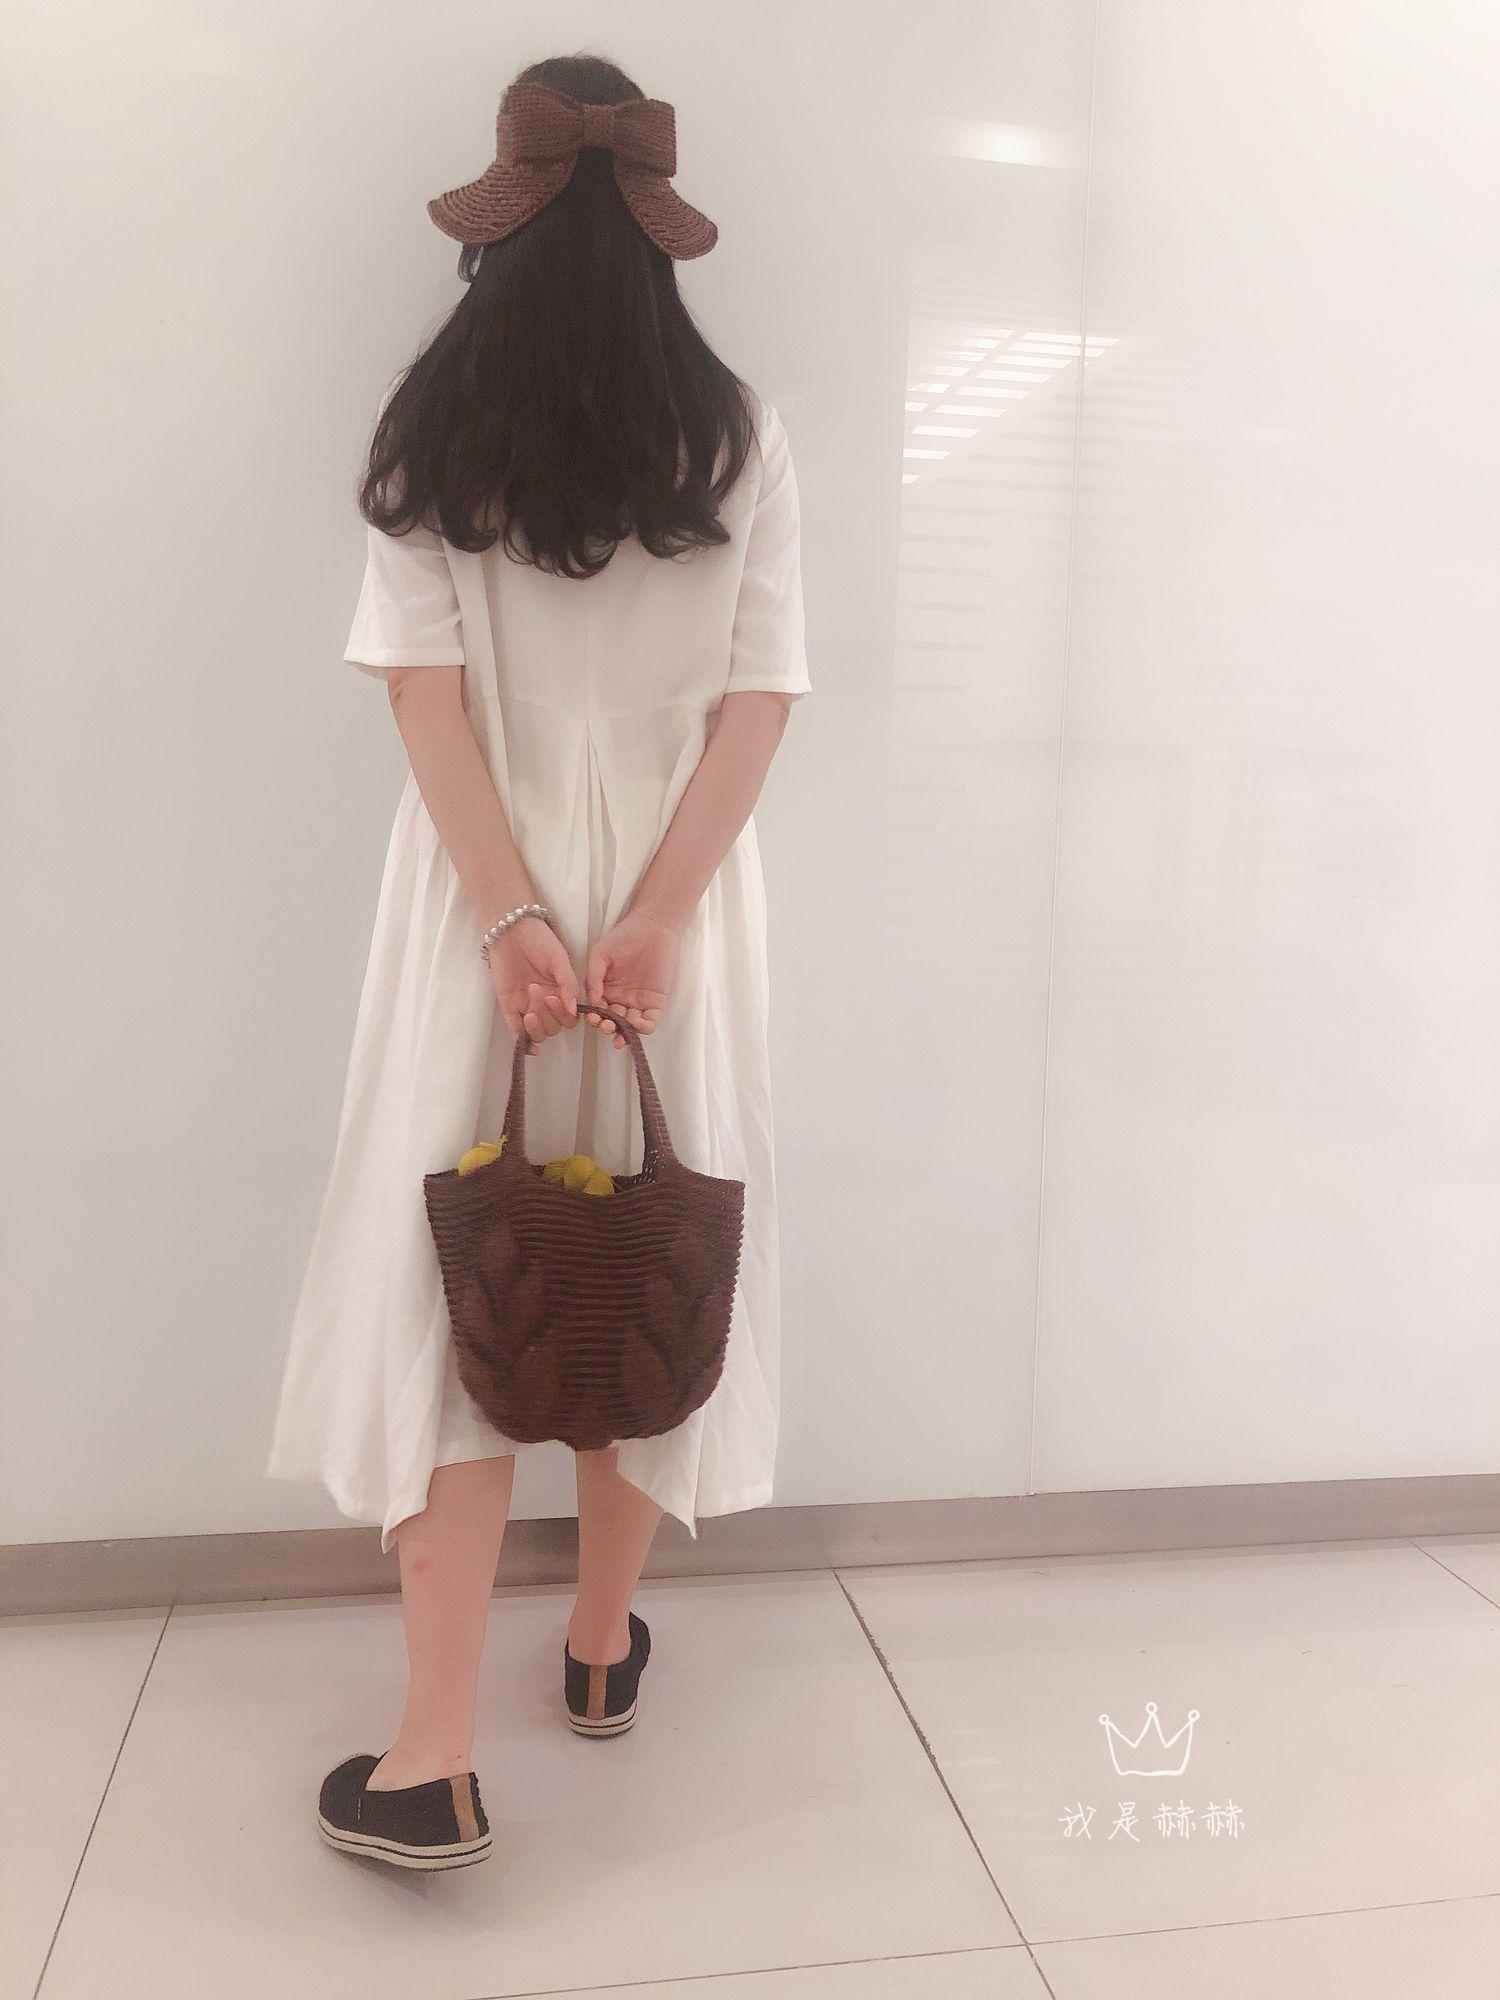 夏日美搭棉草钩针帽子与包包